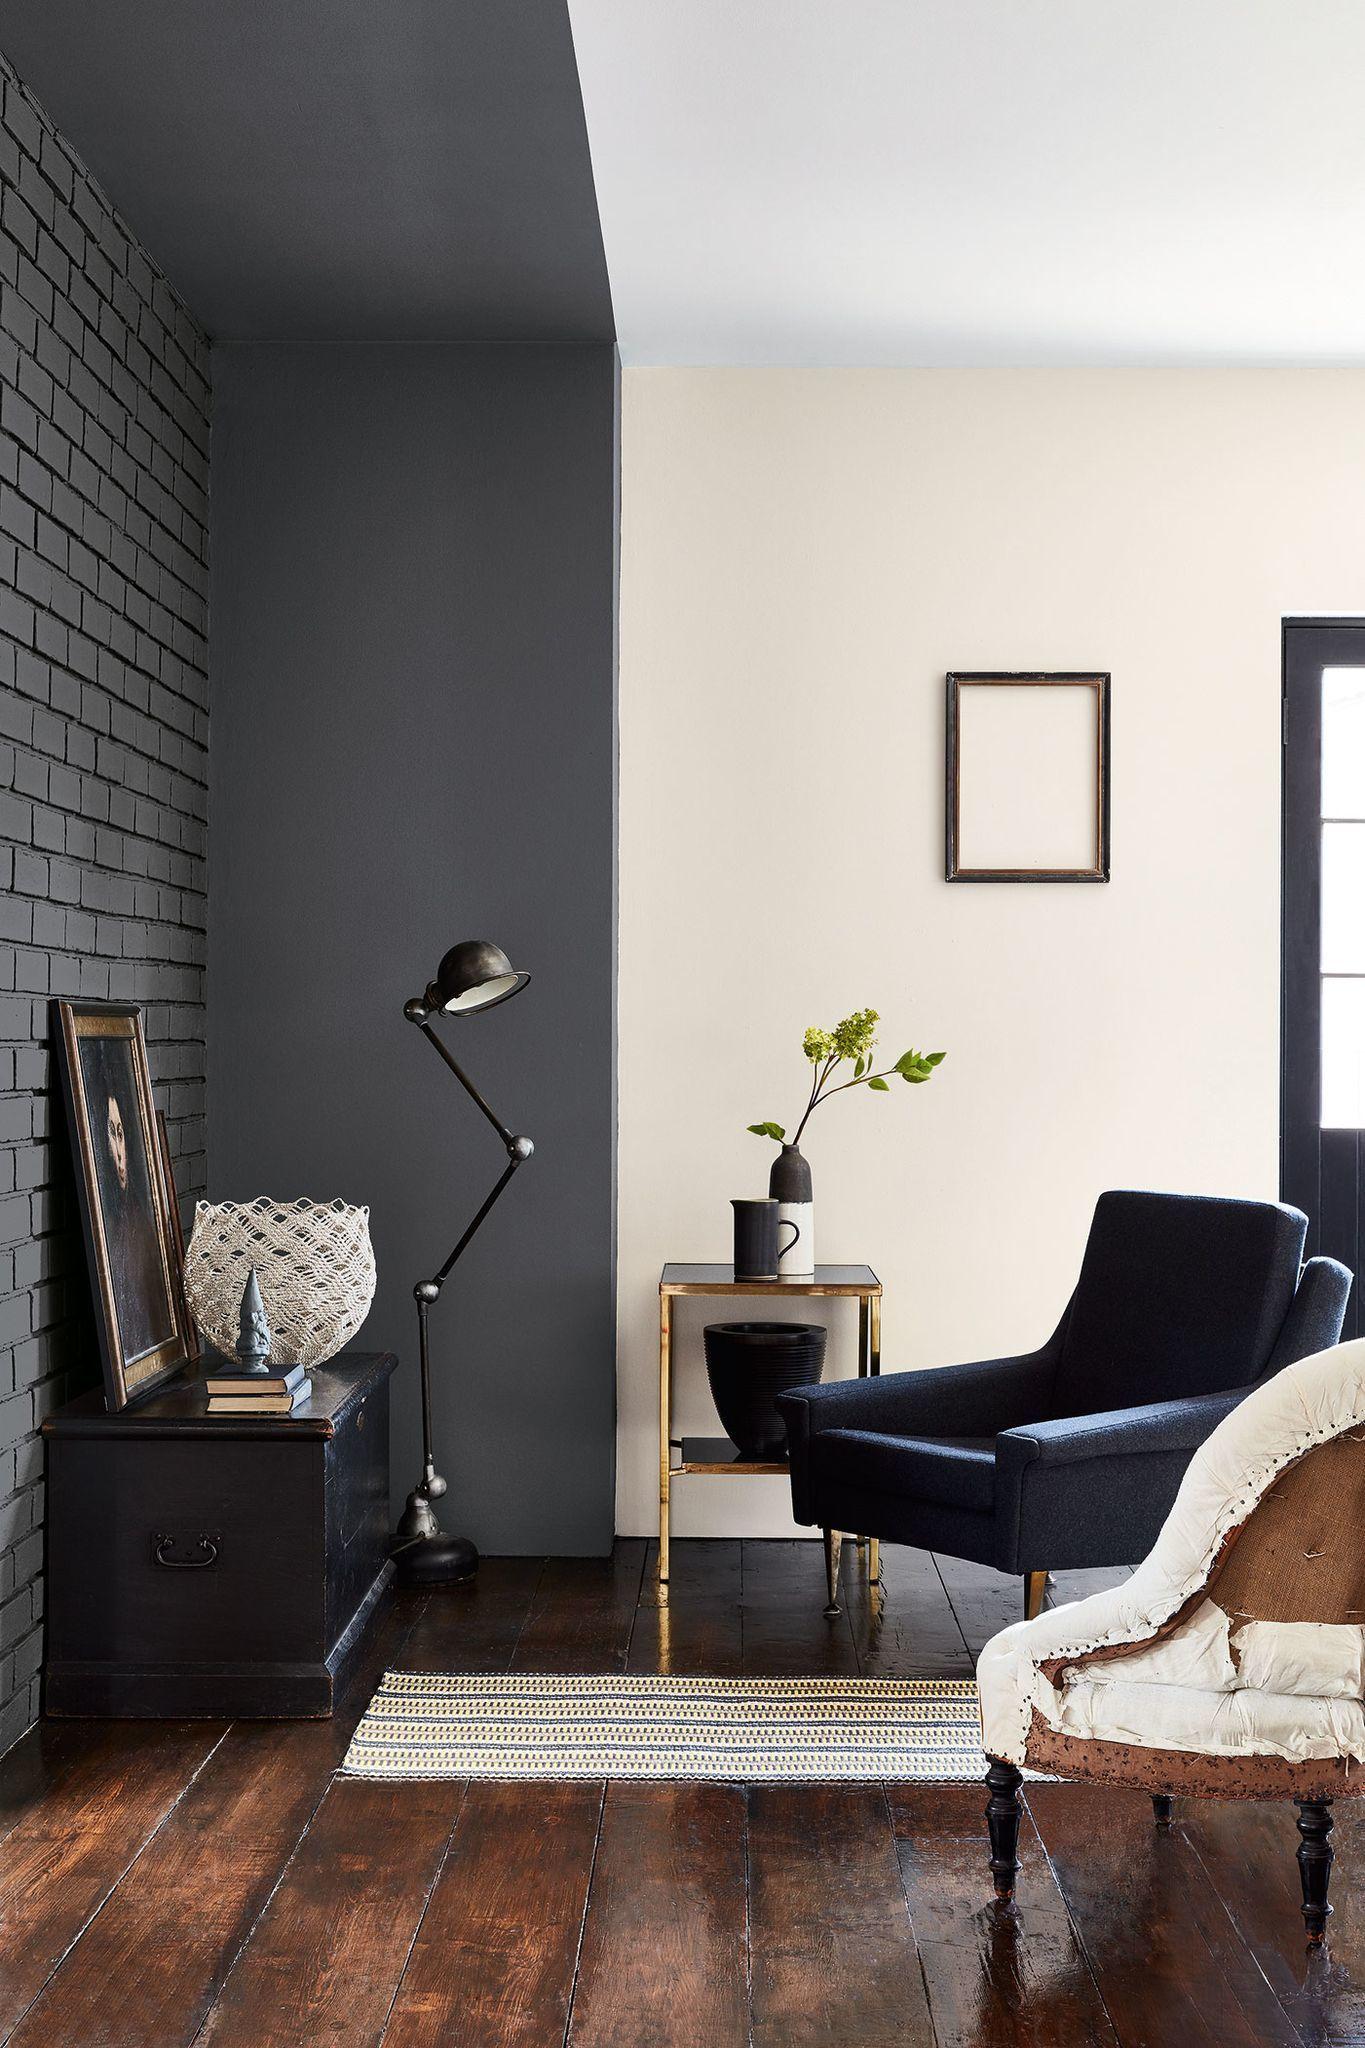 Peinture salon : 17 couleurs tendance pour repeindre le salon